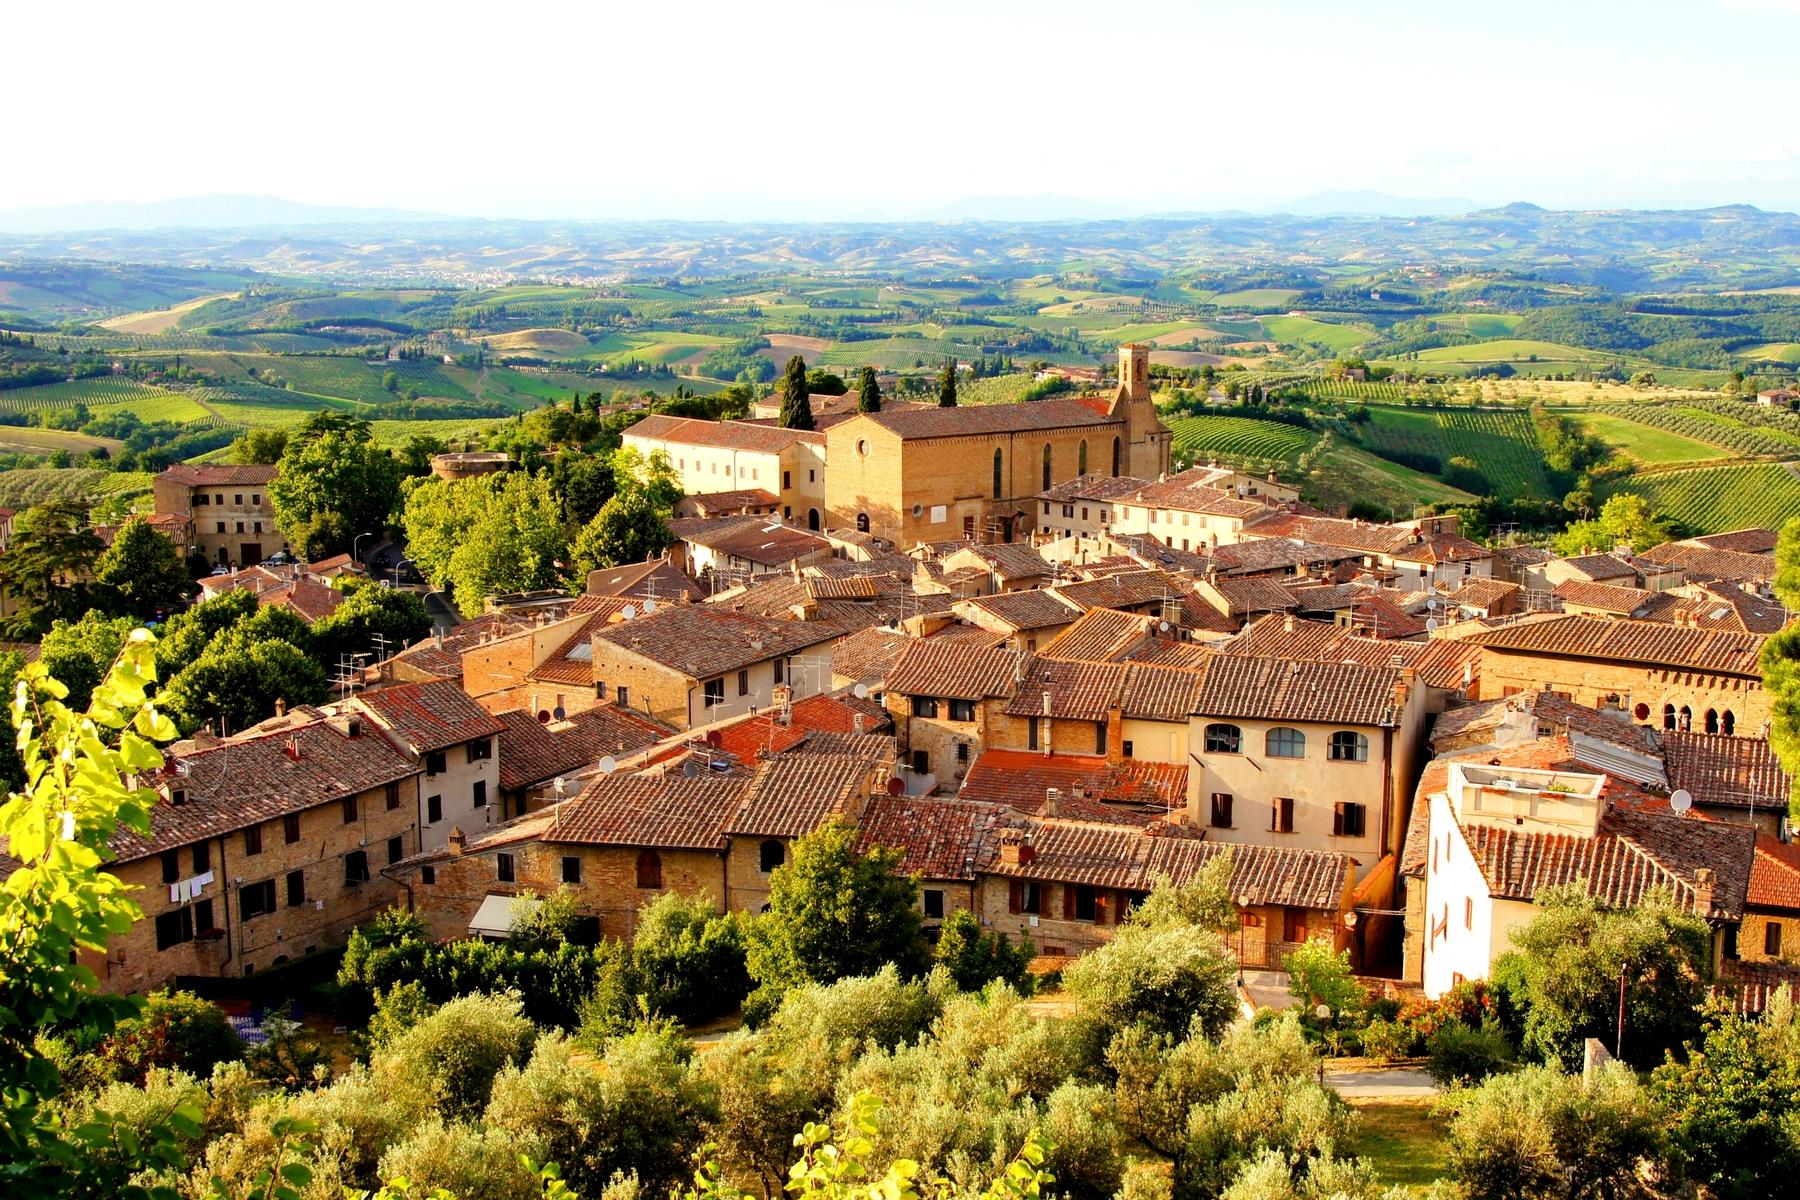 Lugares más bonitos de Italia: San Gimignano